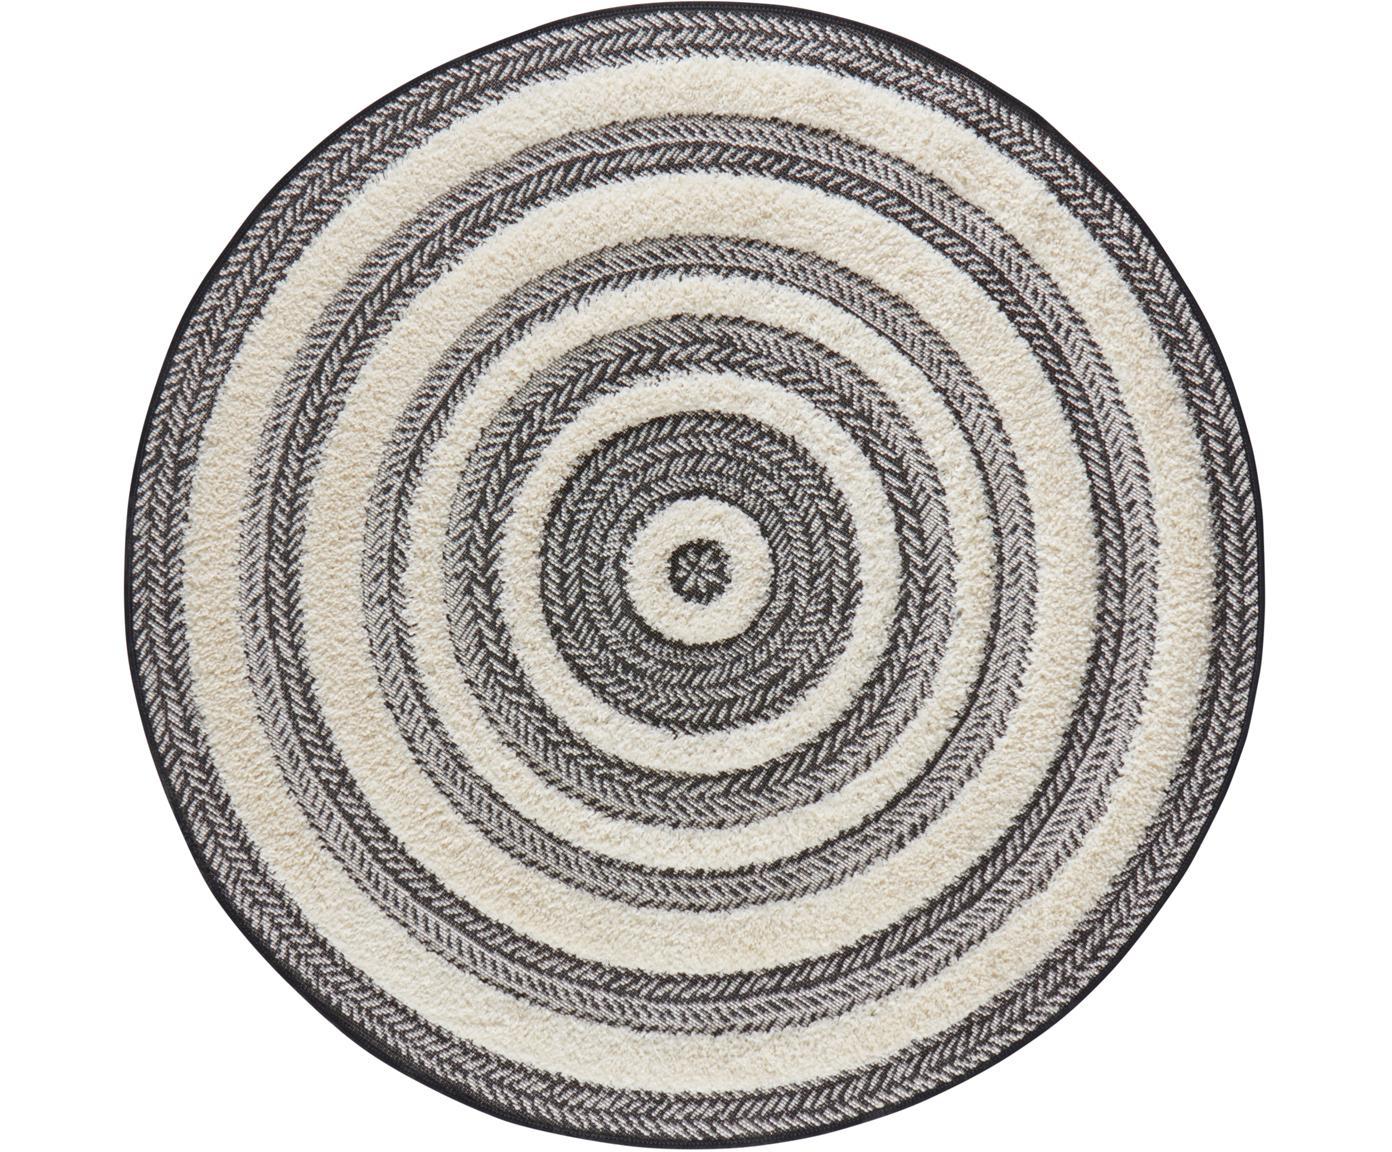 Rond vloerkleed Nador met hoog-laag patroon, Polypropyleen, Grijs, crèmekleurig, Ø 160 cm